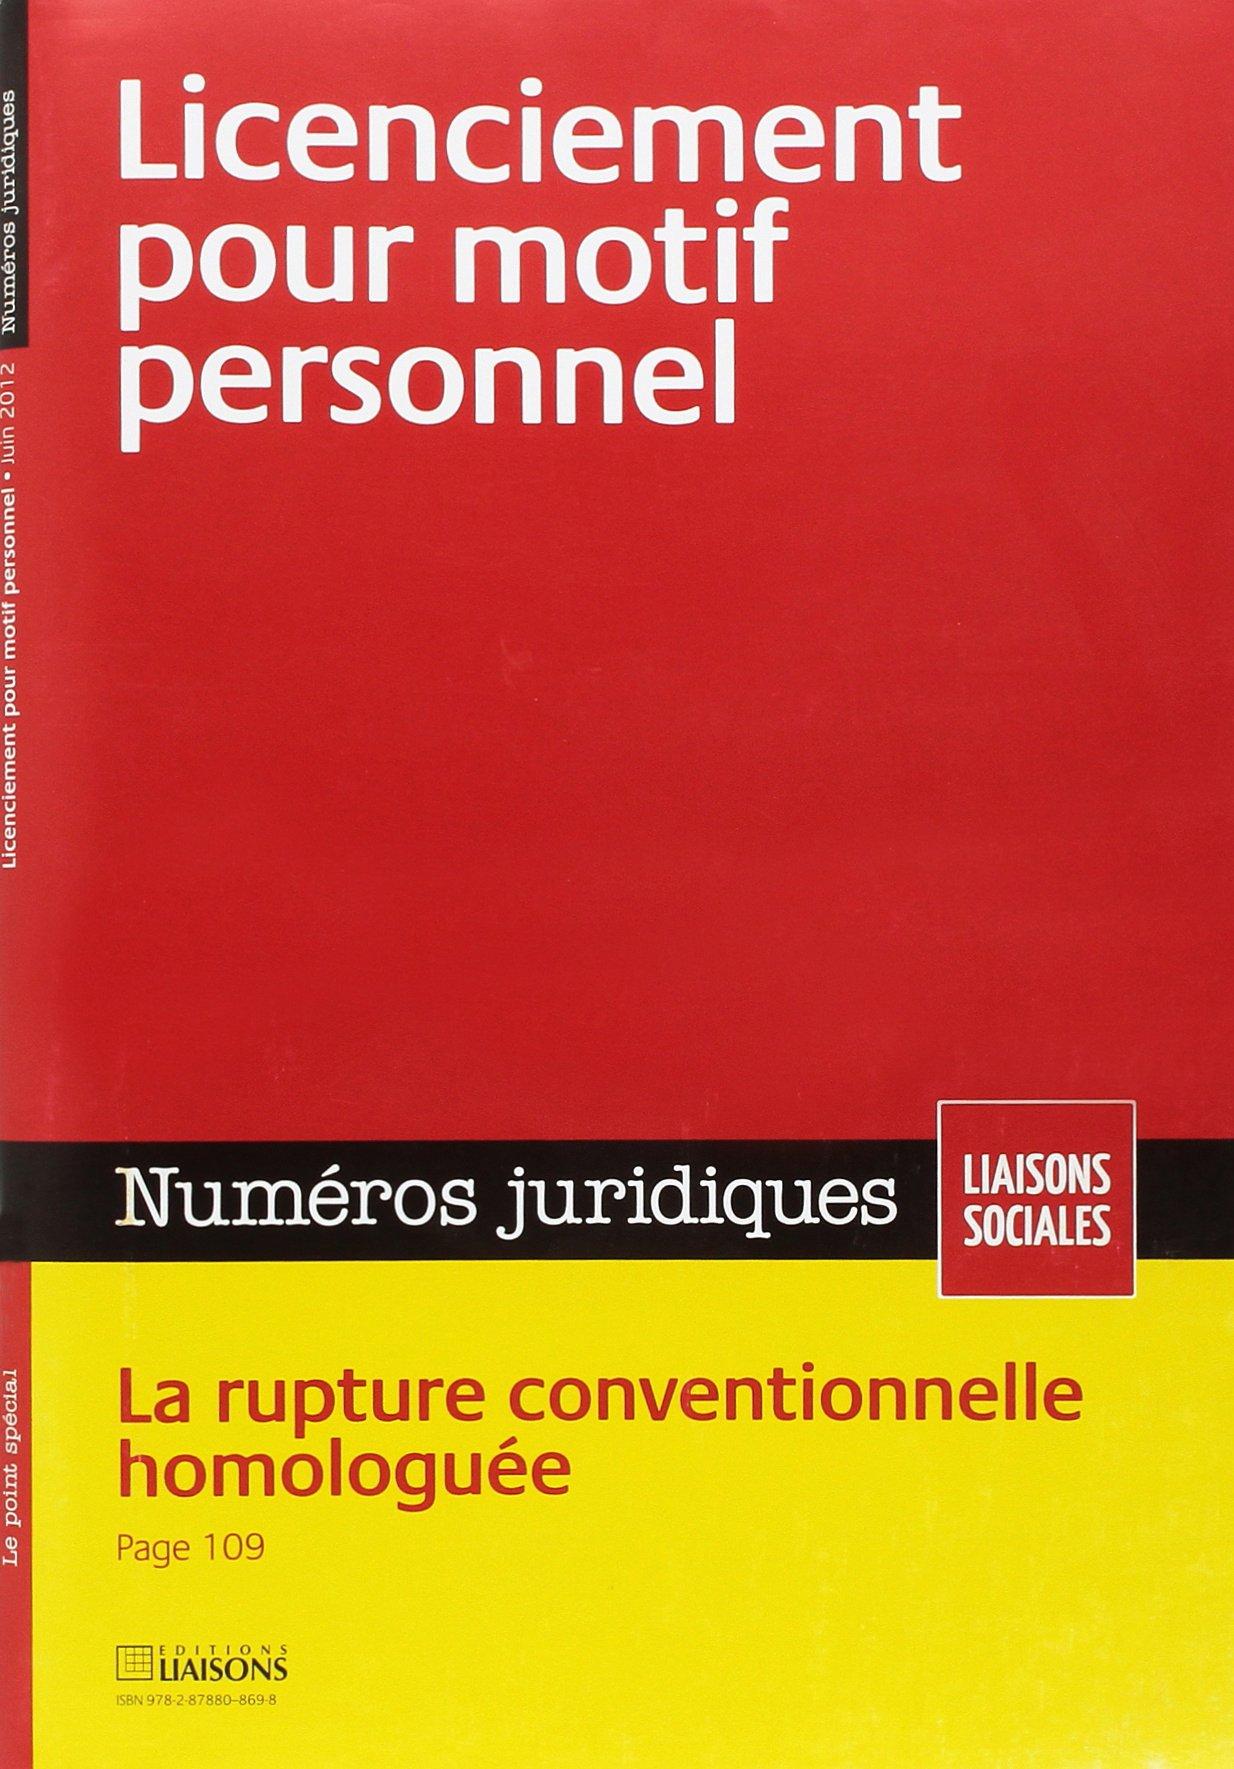 2f724098685 Licenciement pour motif personnel. juin 2012. la rupture conventionnelle  homologuee (French) Paperback